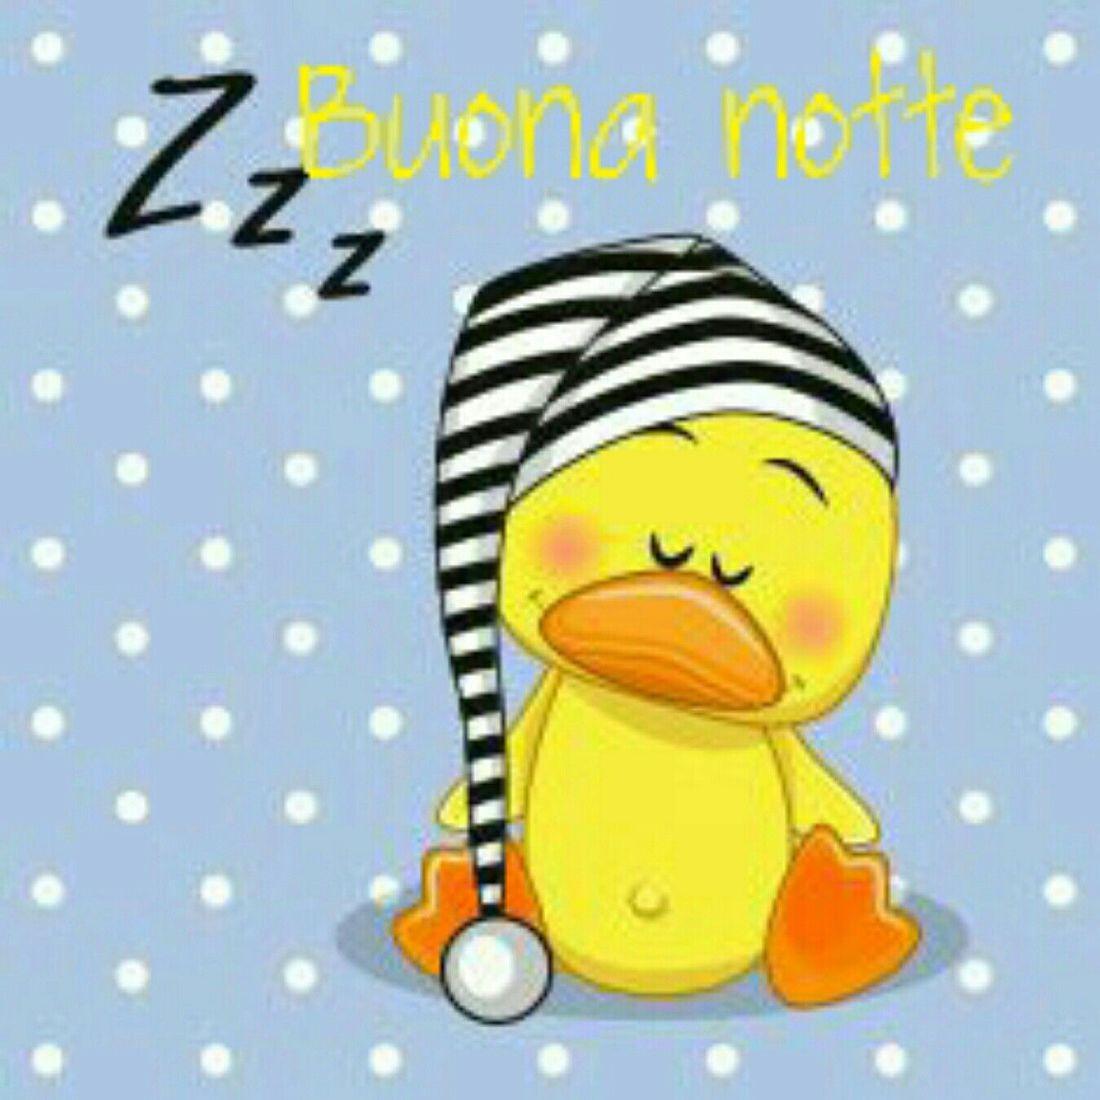 Zzz Buonanotte